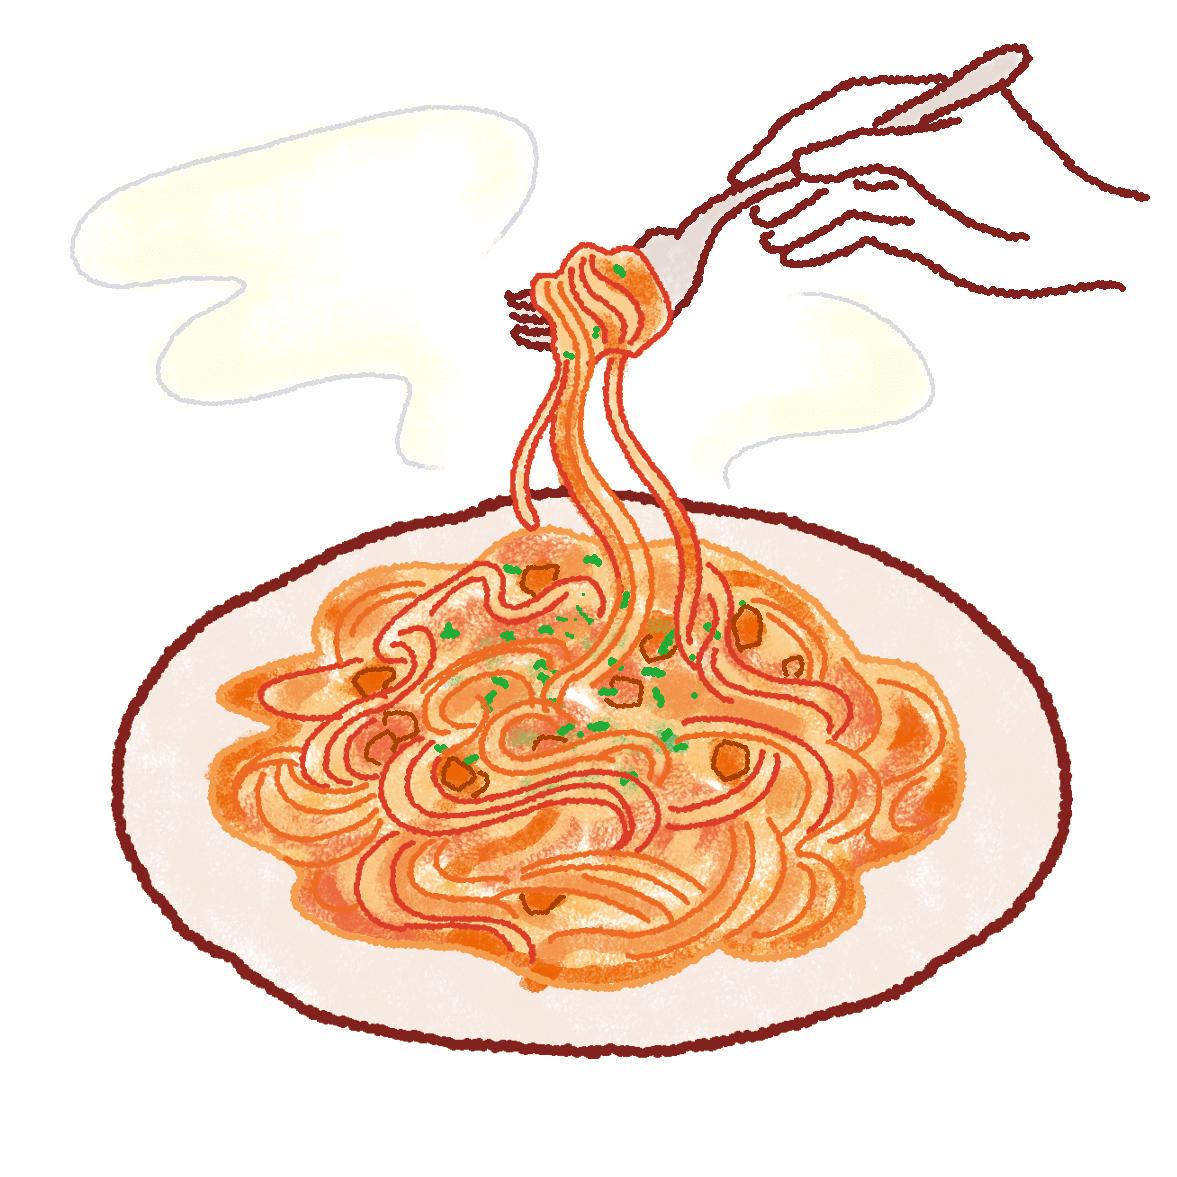 生パスタをおいしく調理する方法。盛り付け例